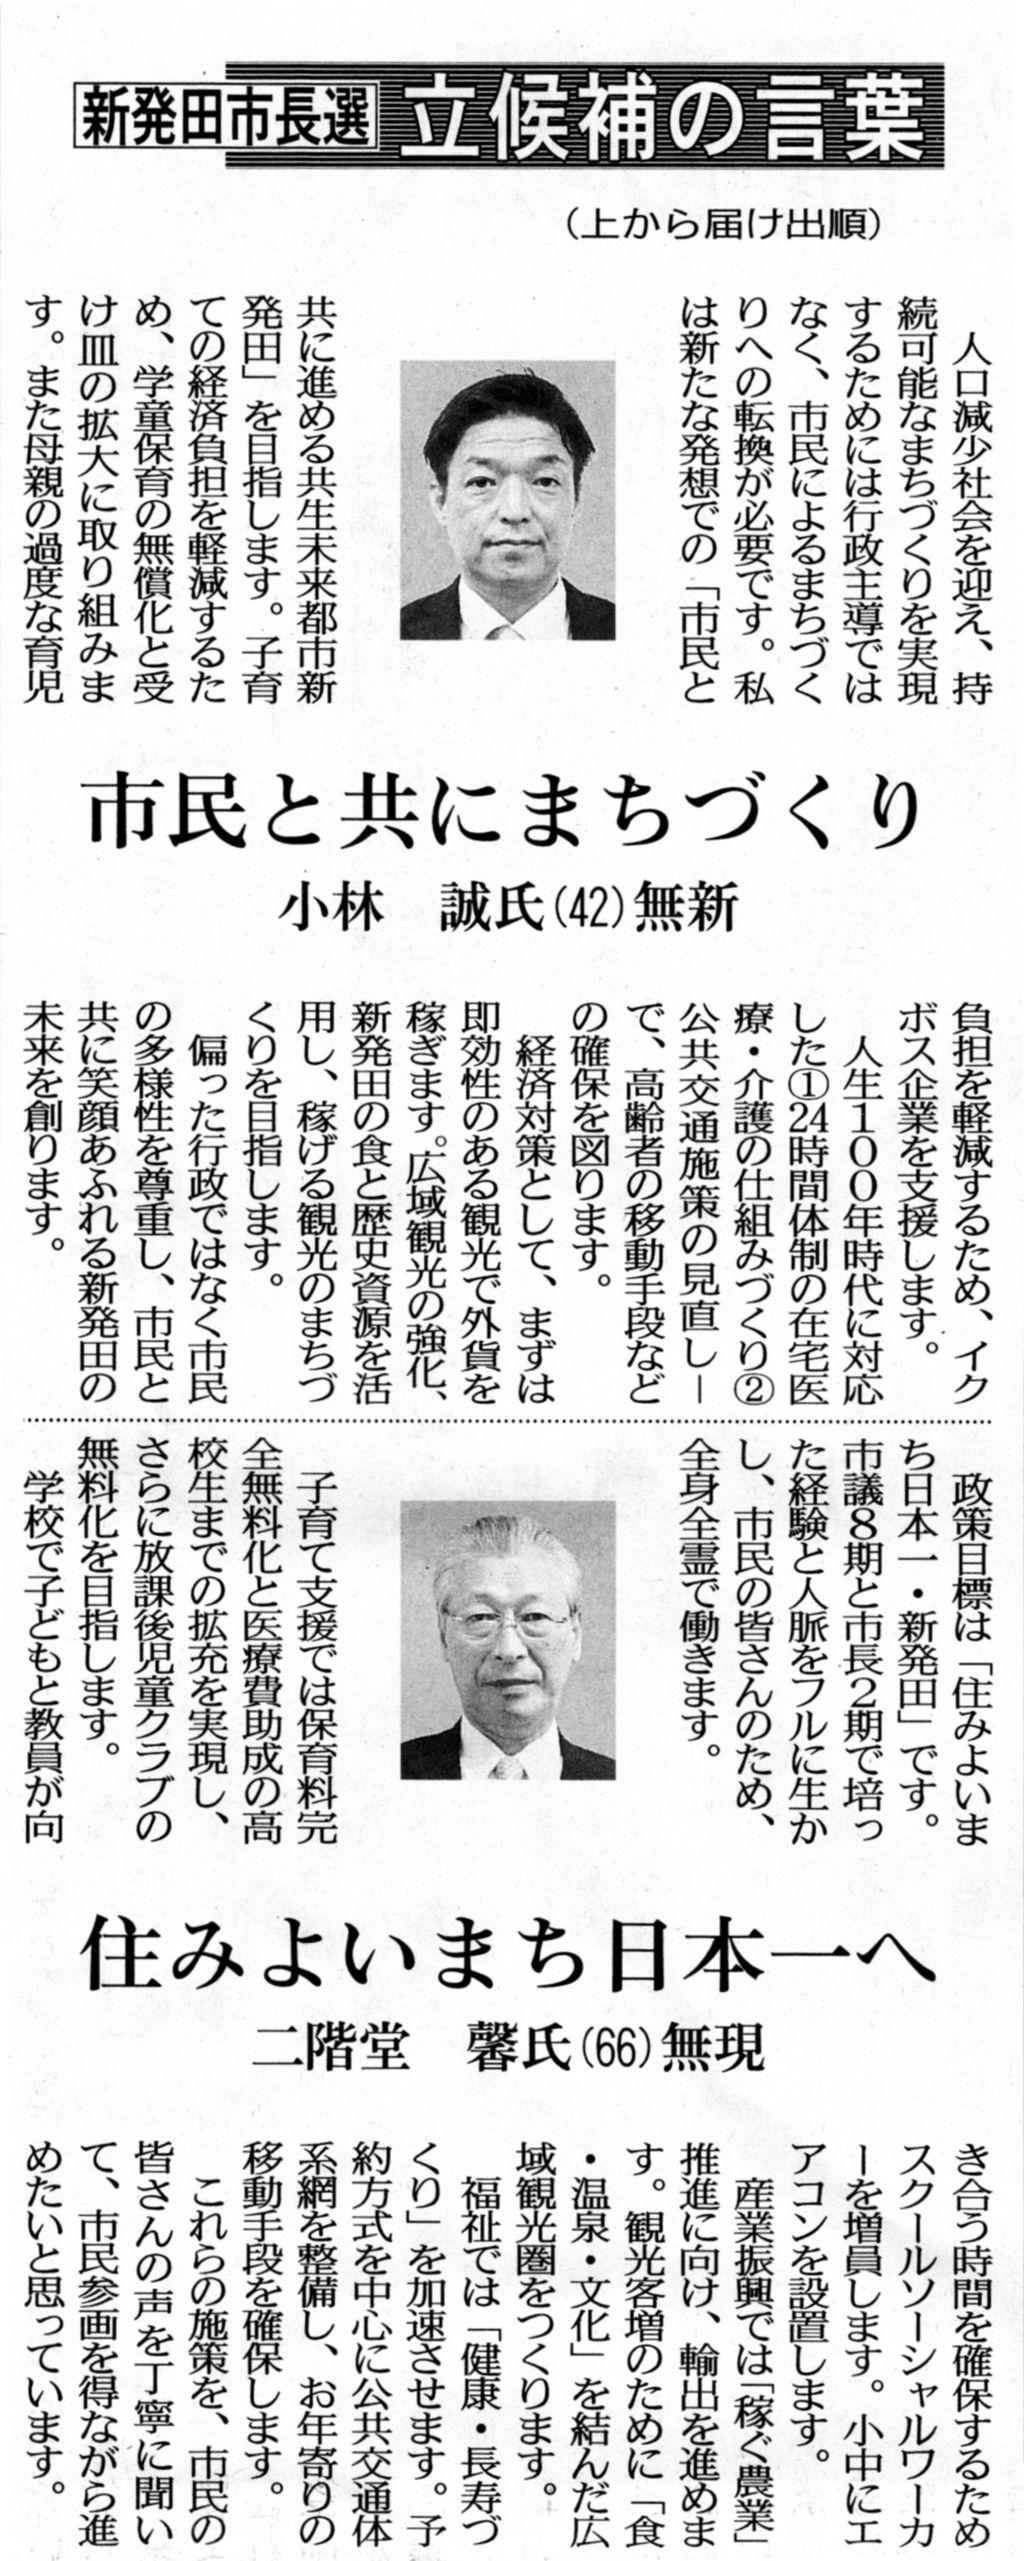 20181113新潟日報 新発田市長選002